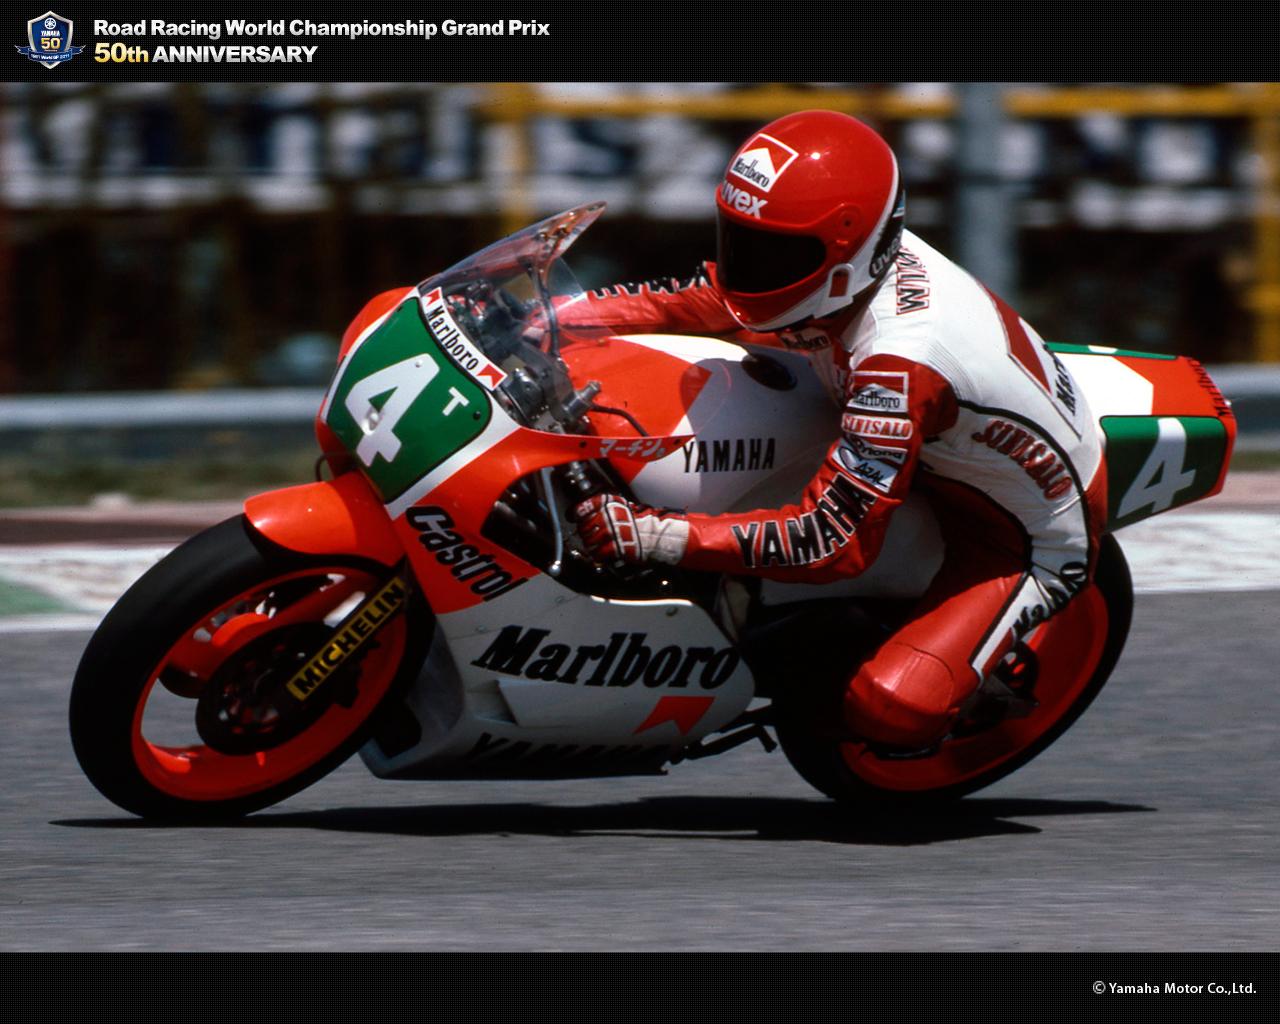 Martin Wimmer Martin Wimmer Motorcycle Race YAMAHA MOTOR CO LTD